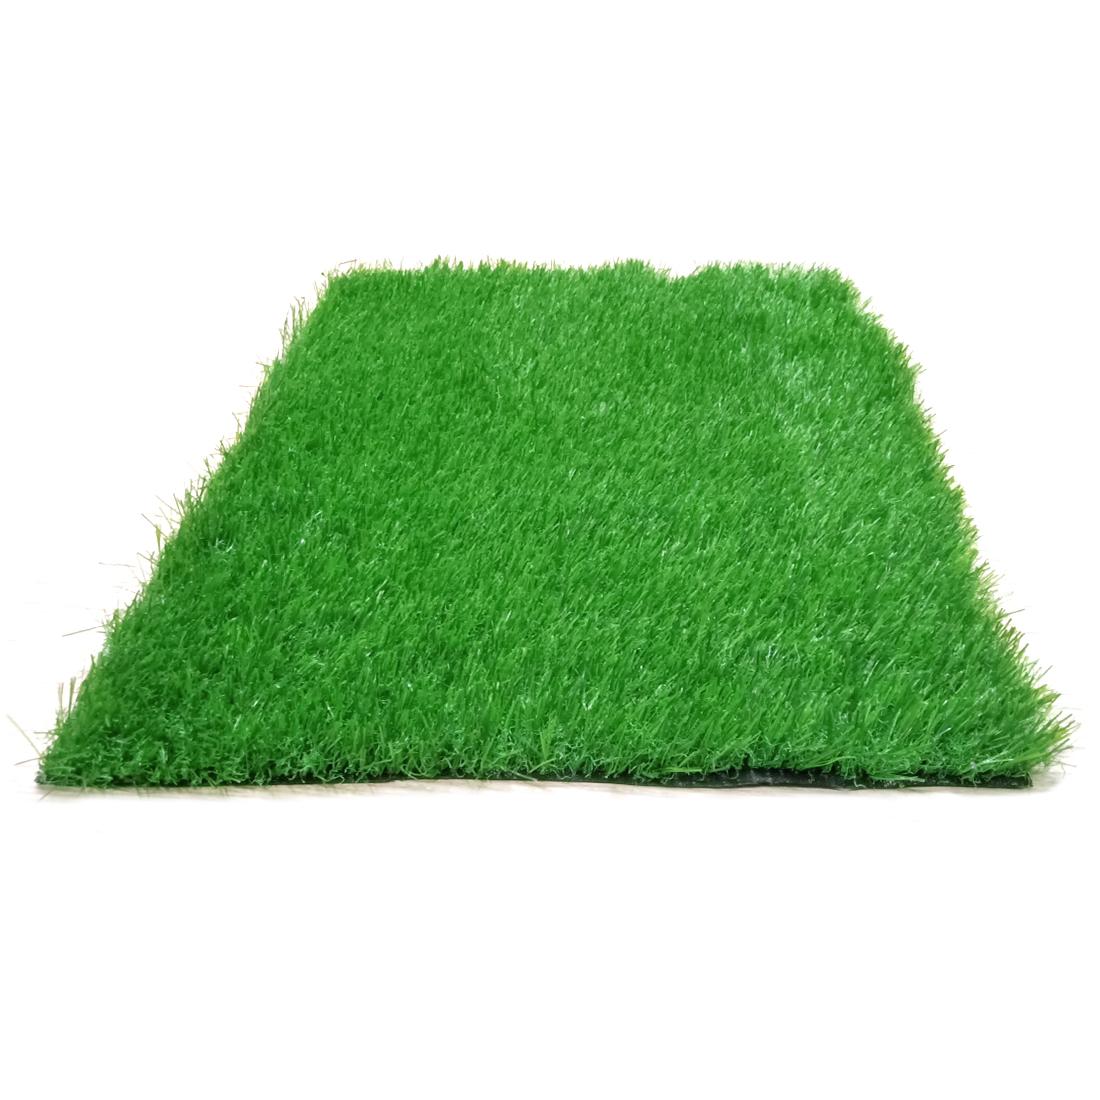 eturf ® 35mm Silver 3T Artificial Grass Mat